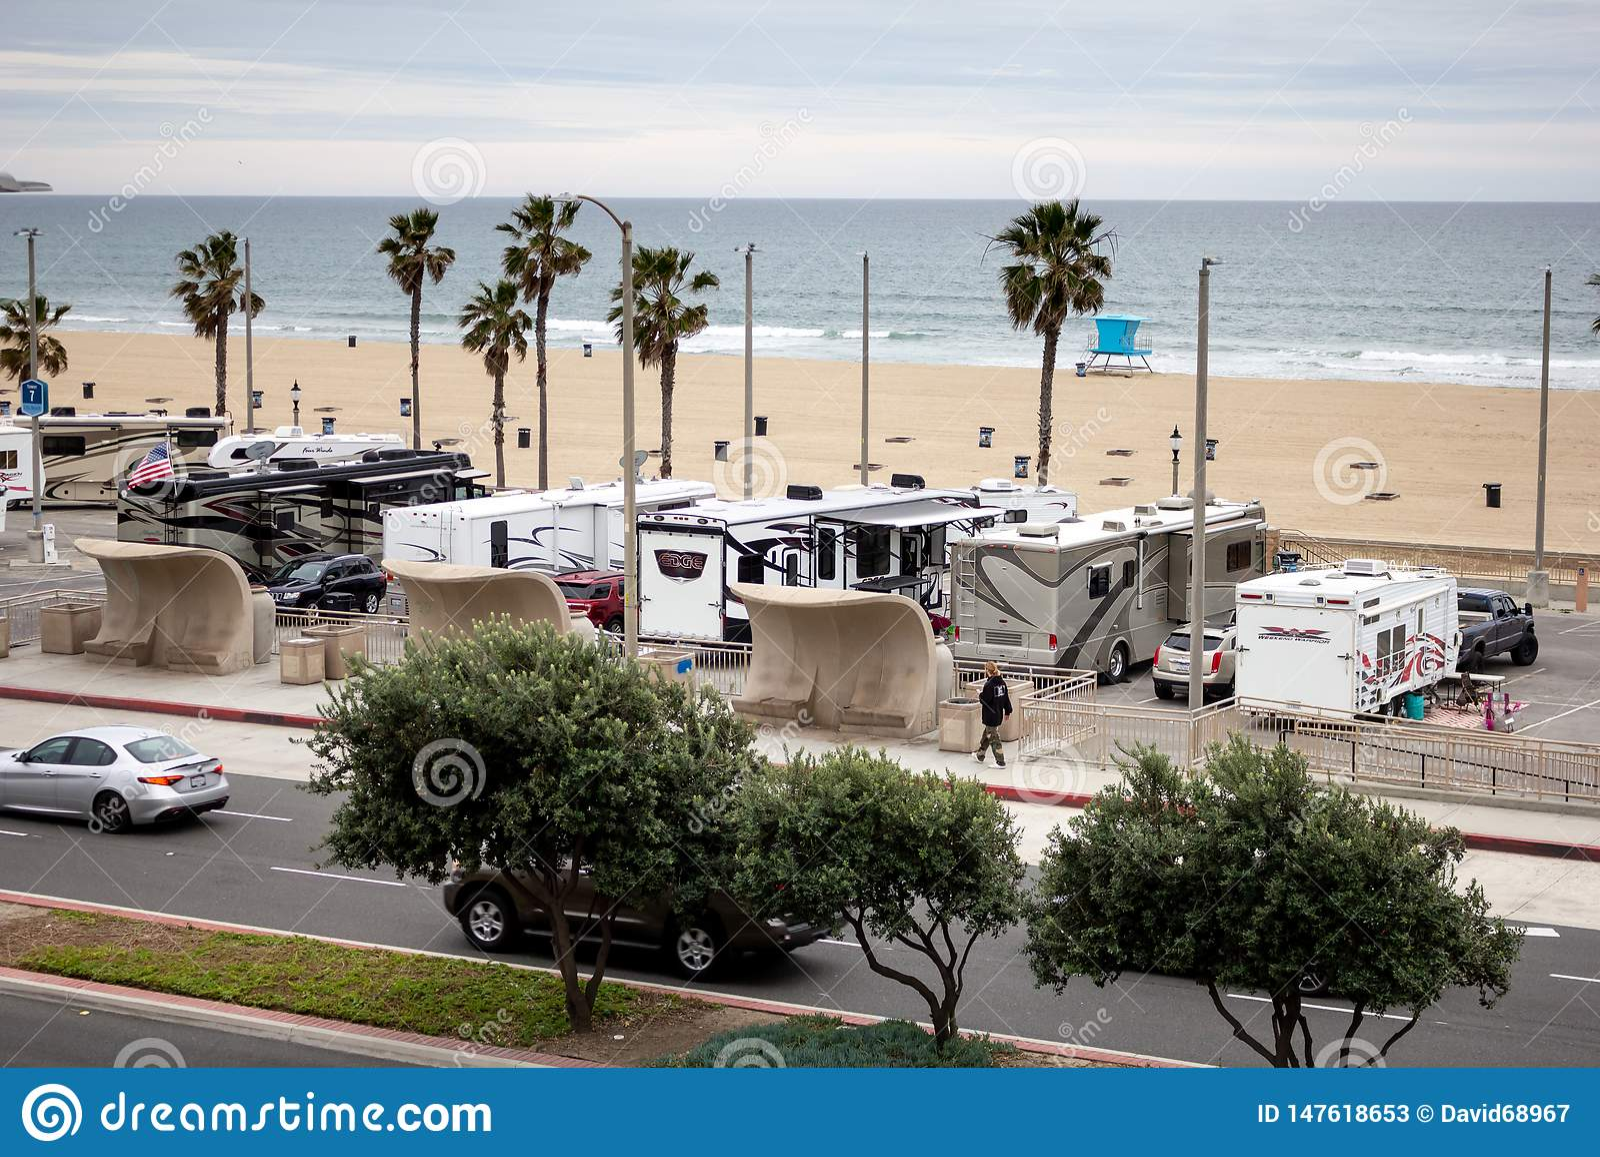 Ve?culos do rv em um parque de estacionamento da praia